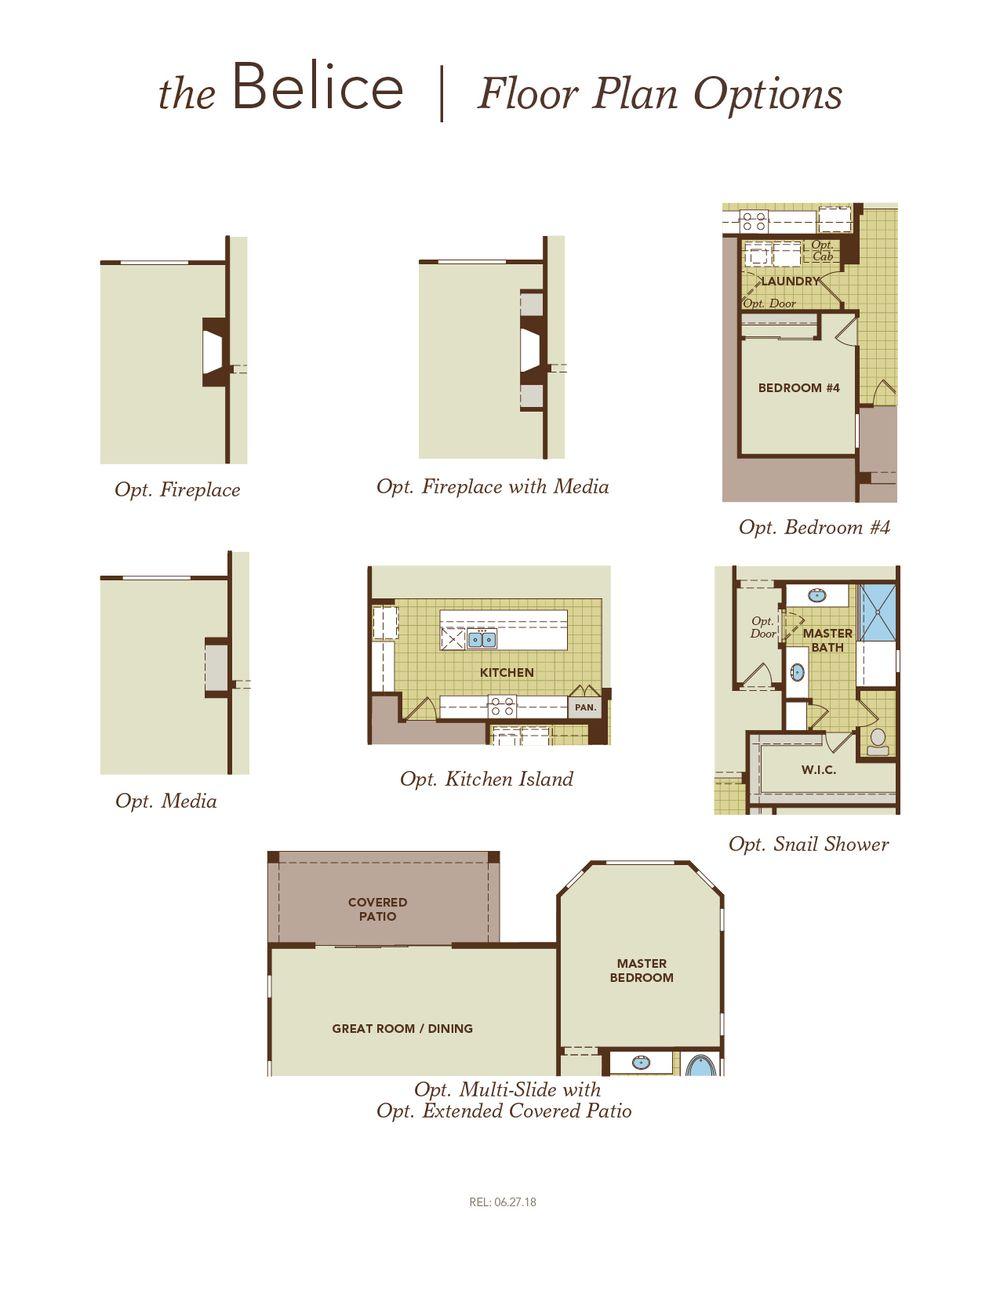 Belice Garage Left Floor Plan Options